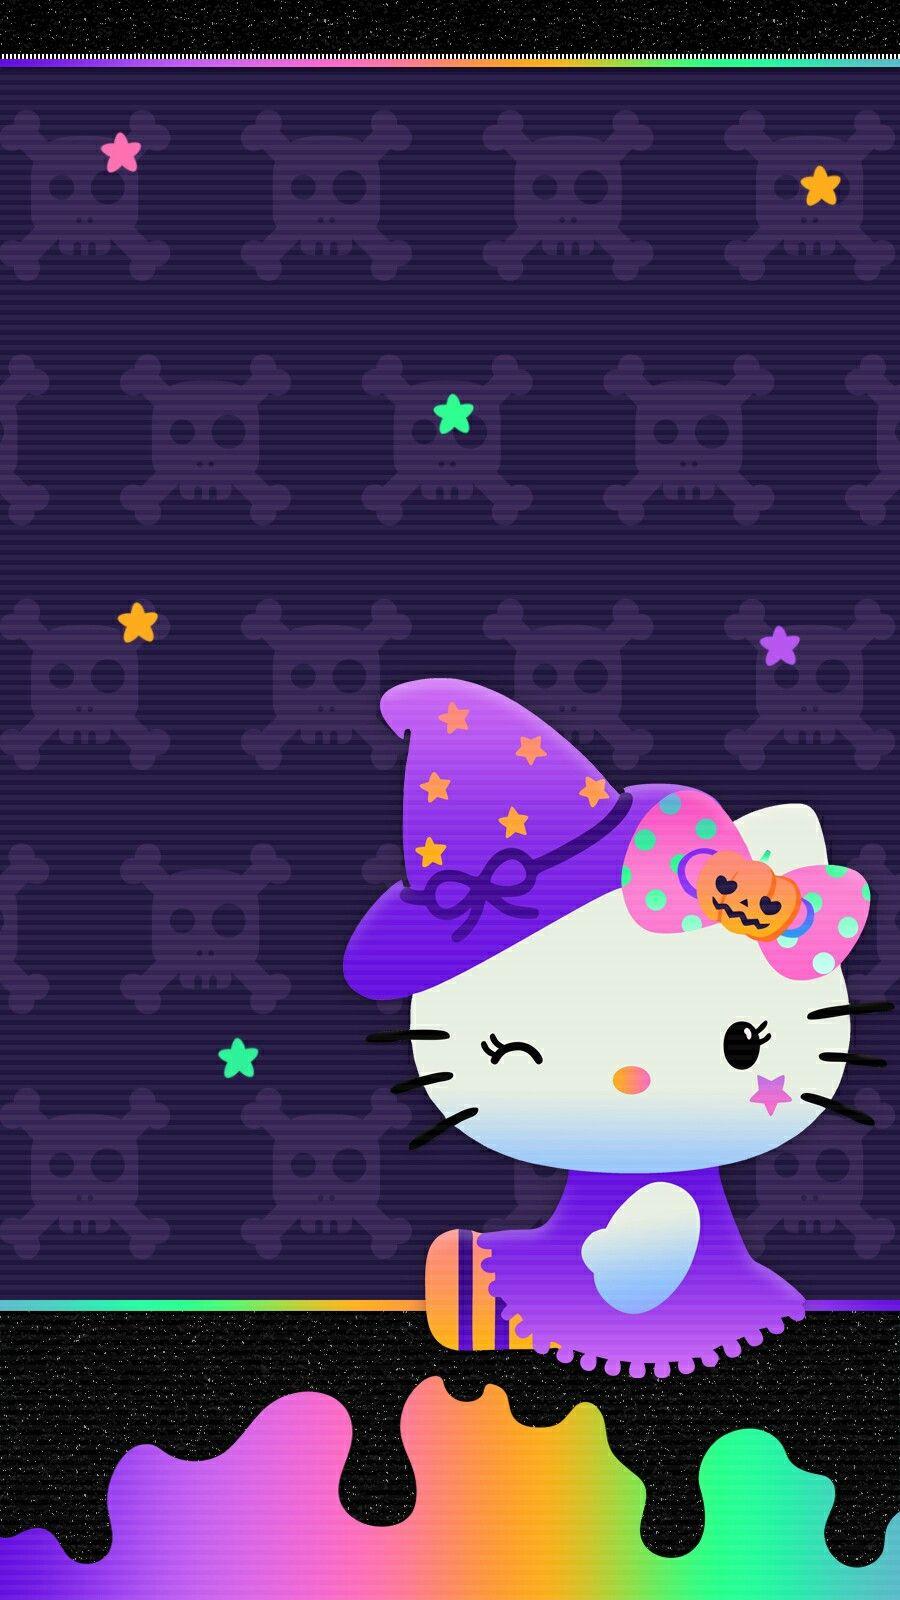 Hello Kitty Halloween Wallpaper Iphone 2019 Hello Kitty Halloween Wallpaper Hello Kitty Hello Kitty Halloween